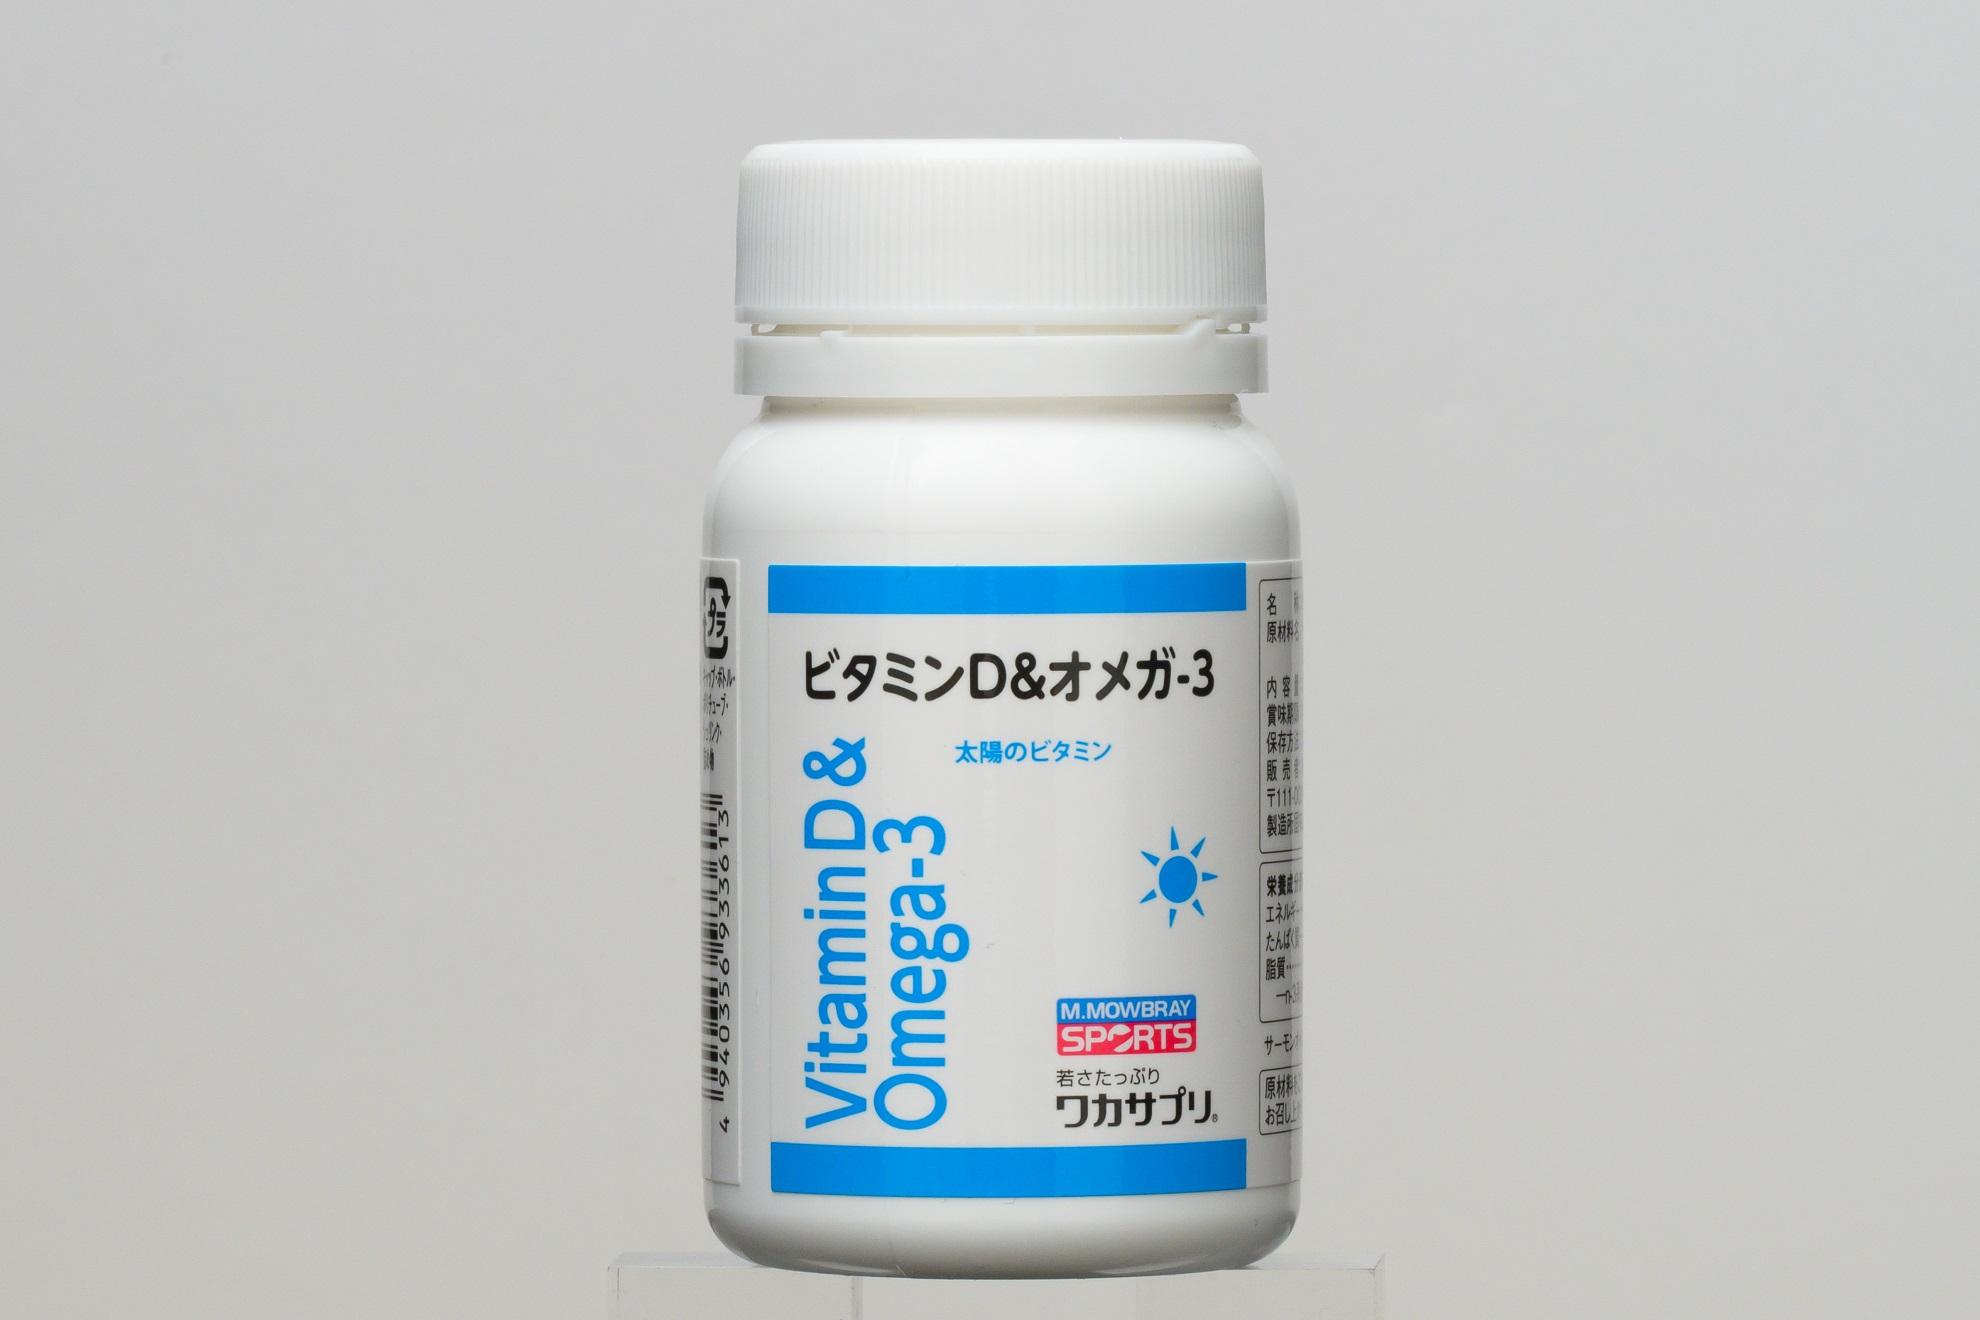 ワカサプリ×M.MOWBRAY SPORTS ビタミンD&オメガ3